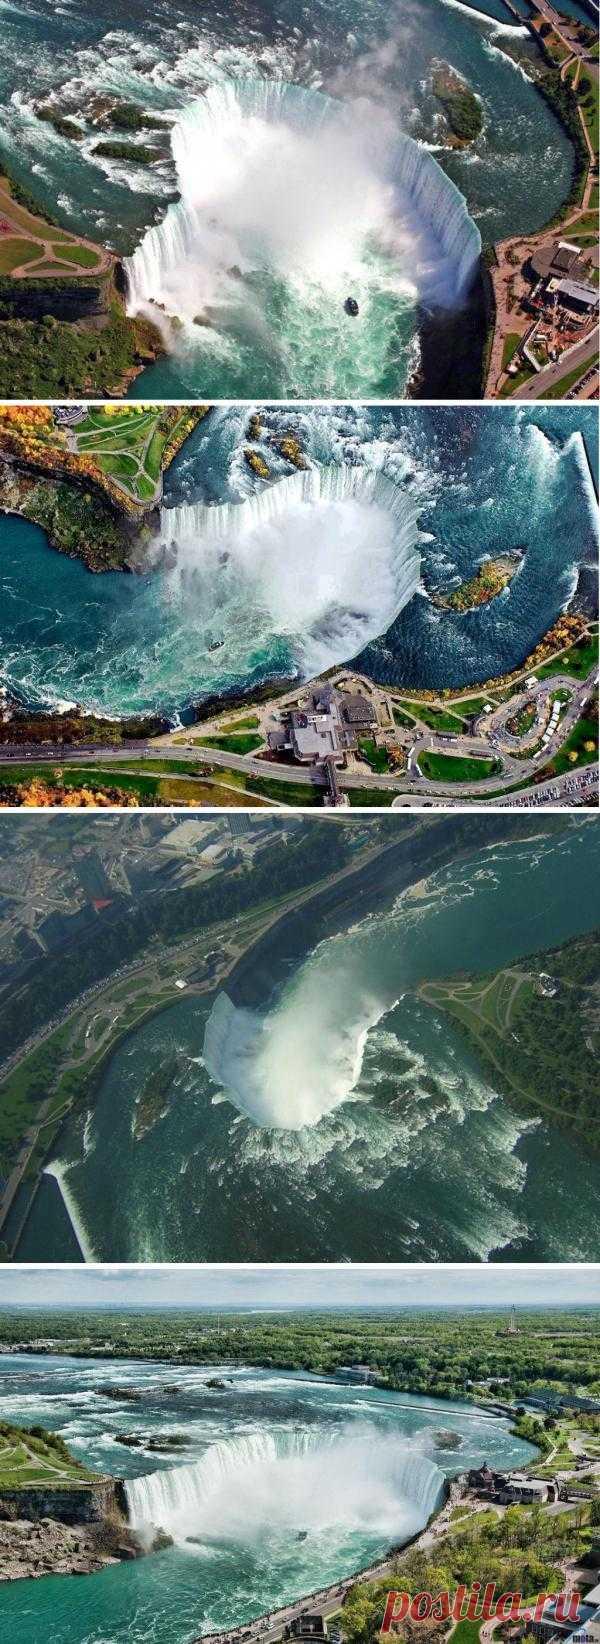 Это самый быстродвижущийся водопад на планете! Через него проходит около 20% всей питьевой воды в США. Ниагарский водопад. Вид сверху.